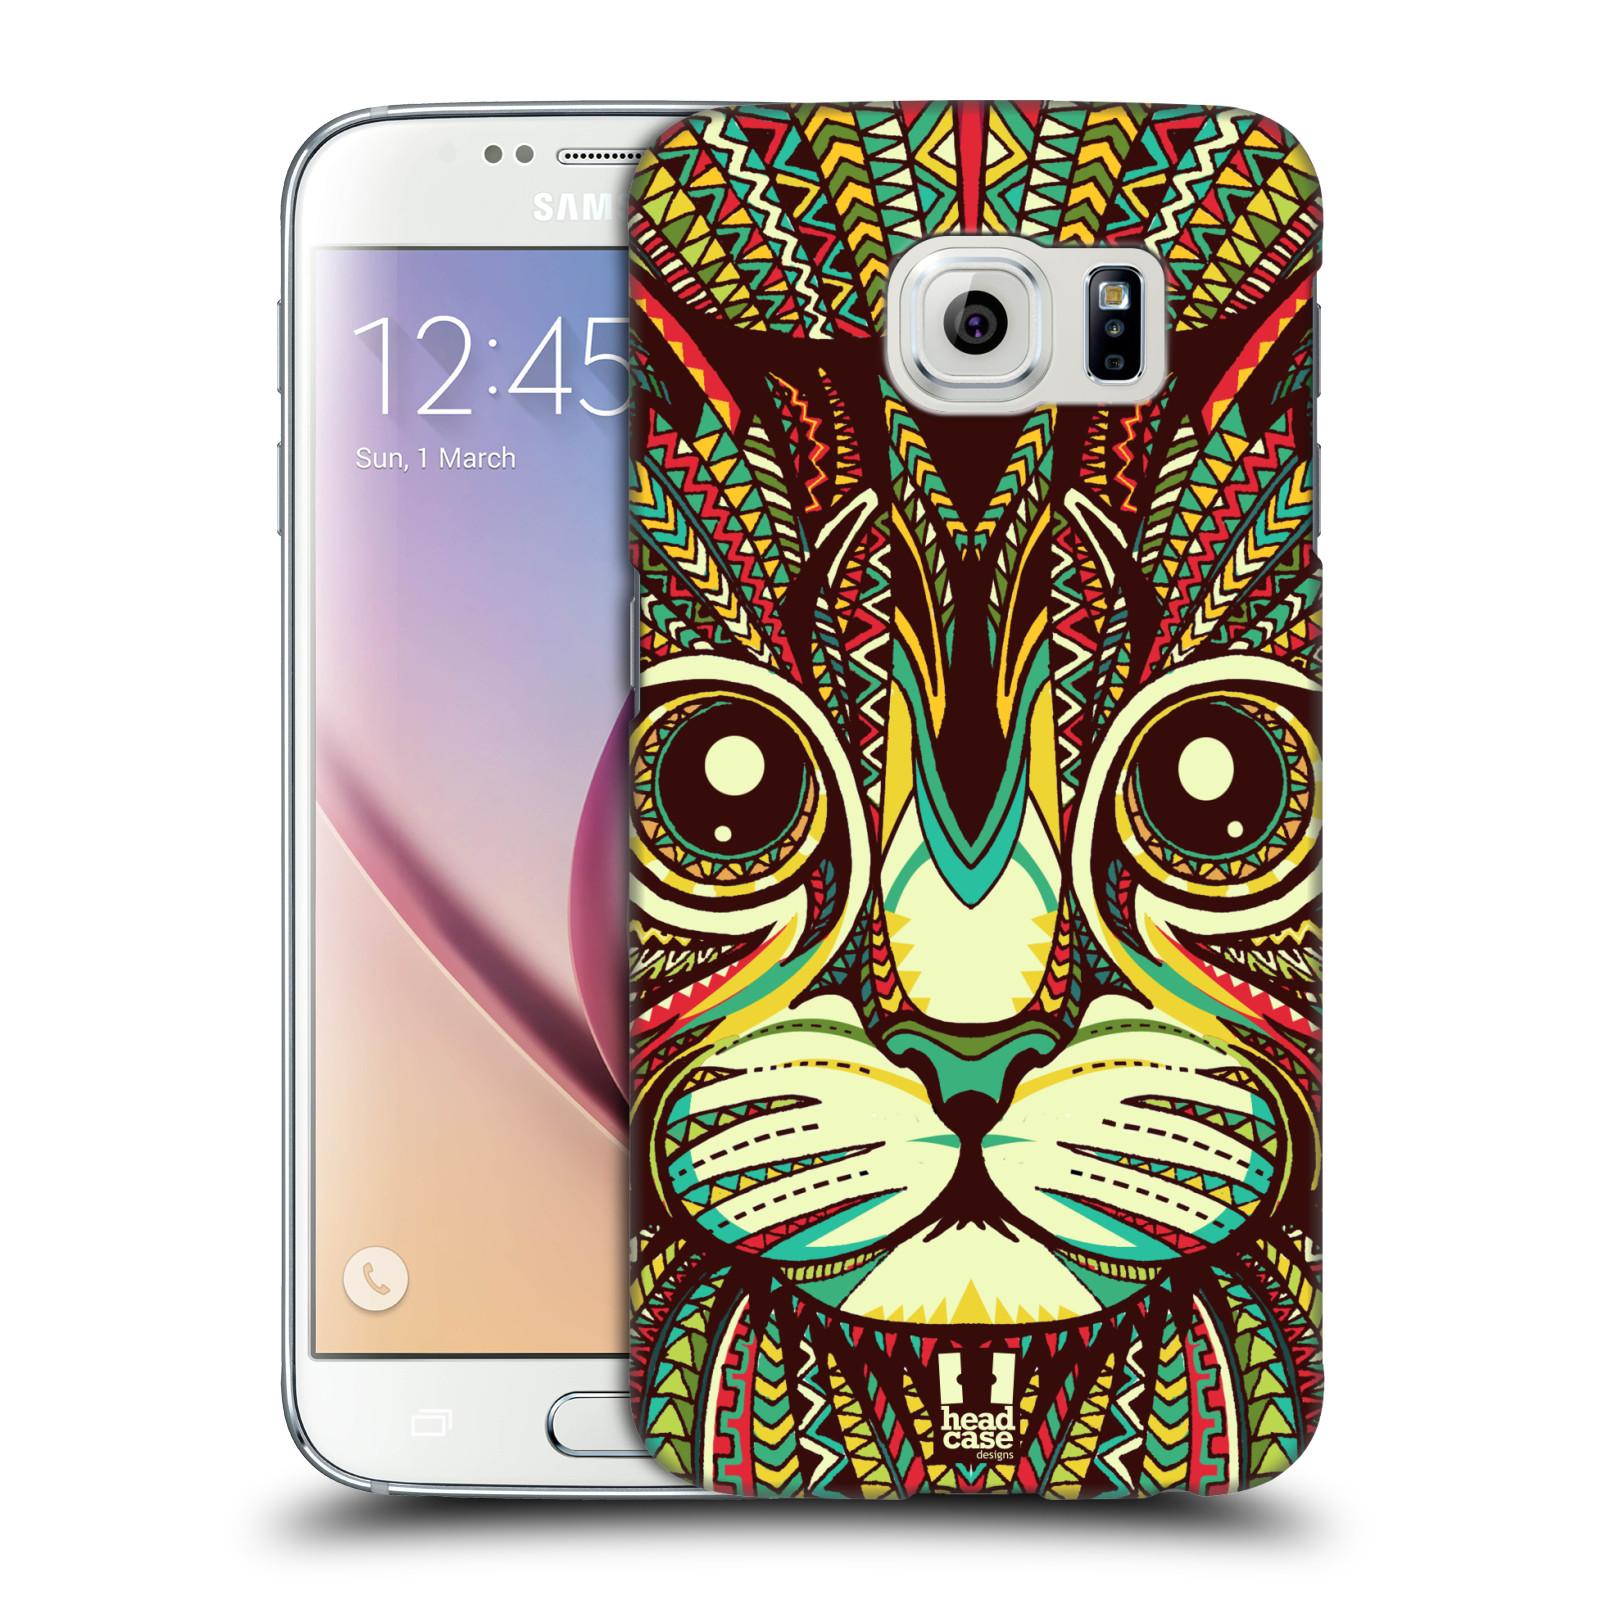 HEAD CASE plastový obal na mobil SAMSUNG Galaxy S6 (G9200, G920F) vzor Aztécký motiv zvíře 2 kotě